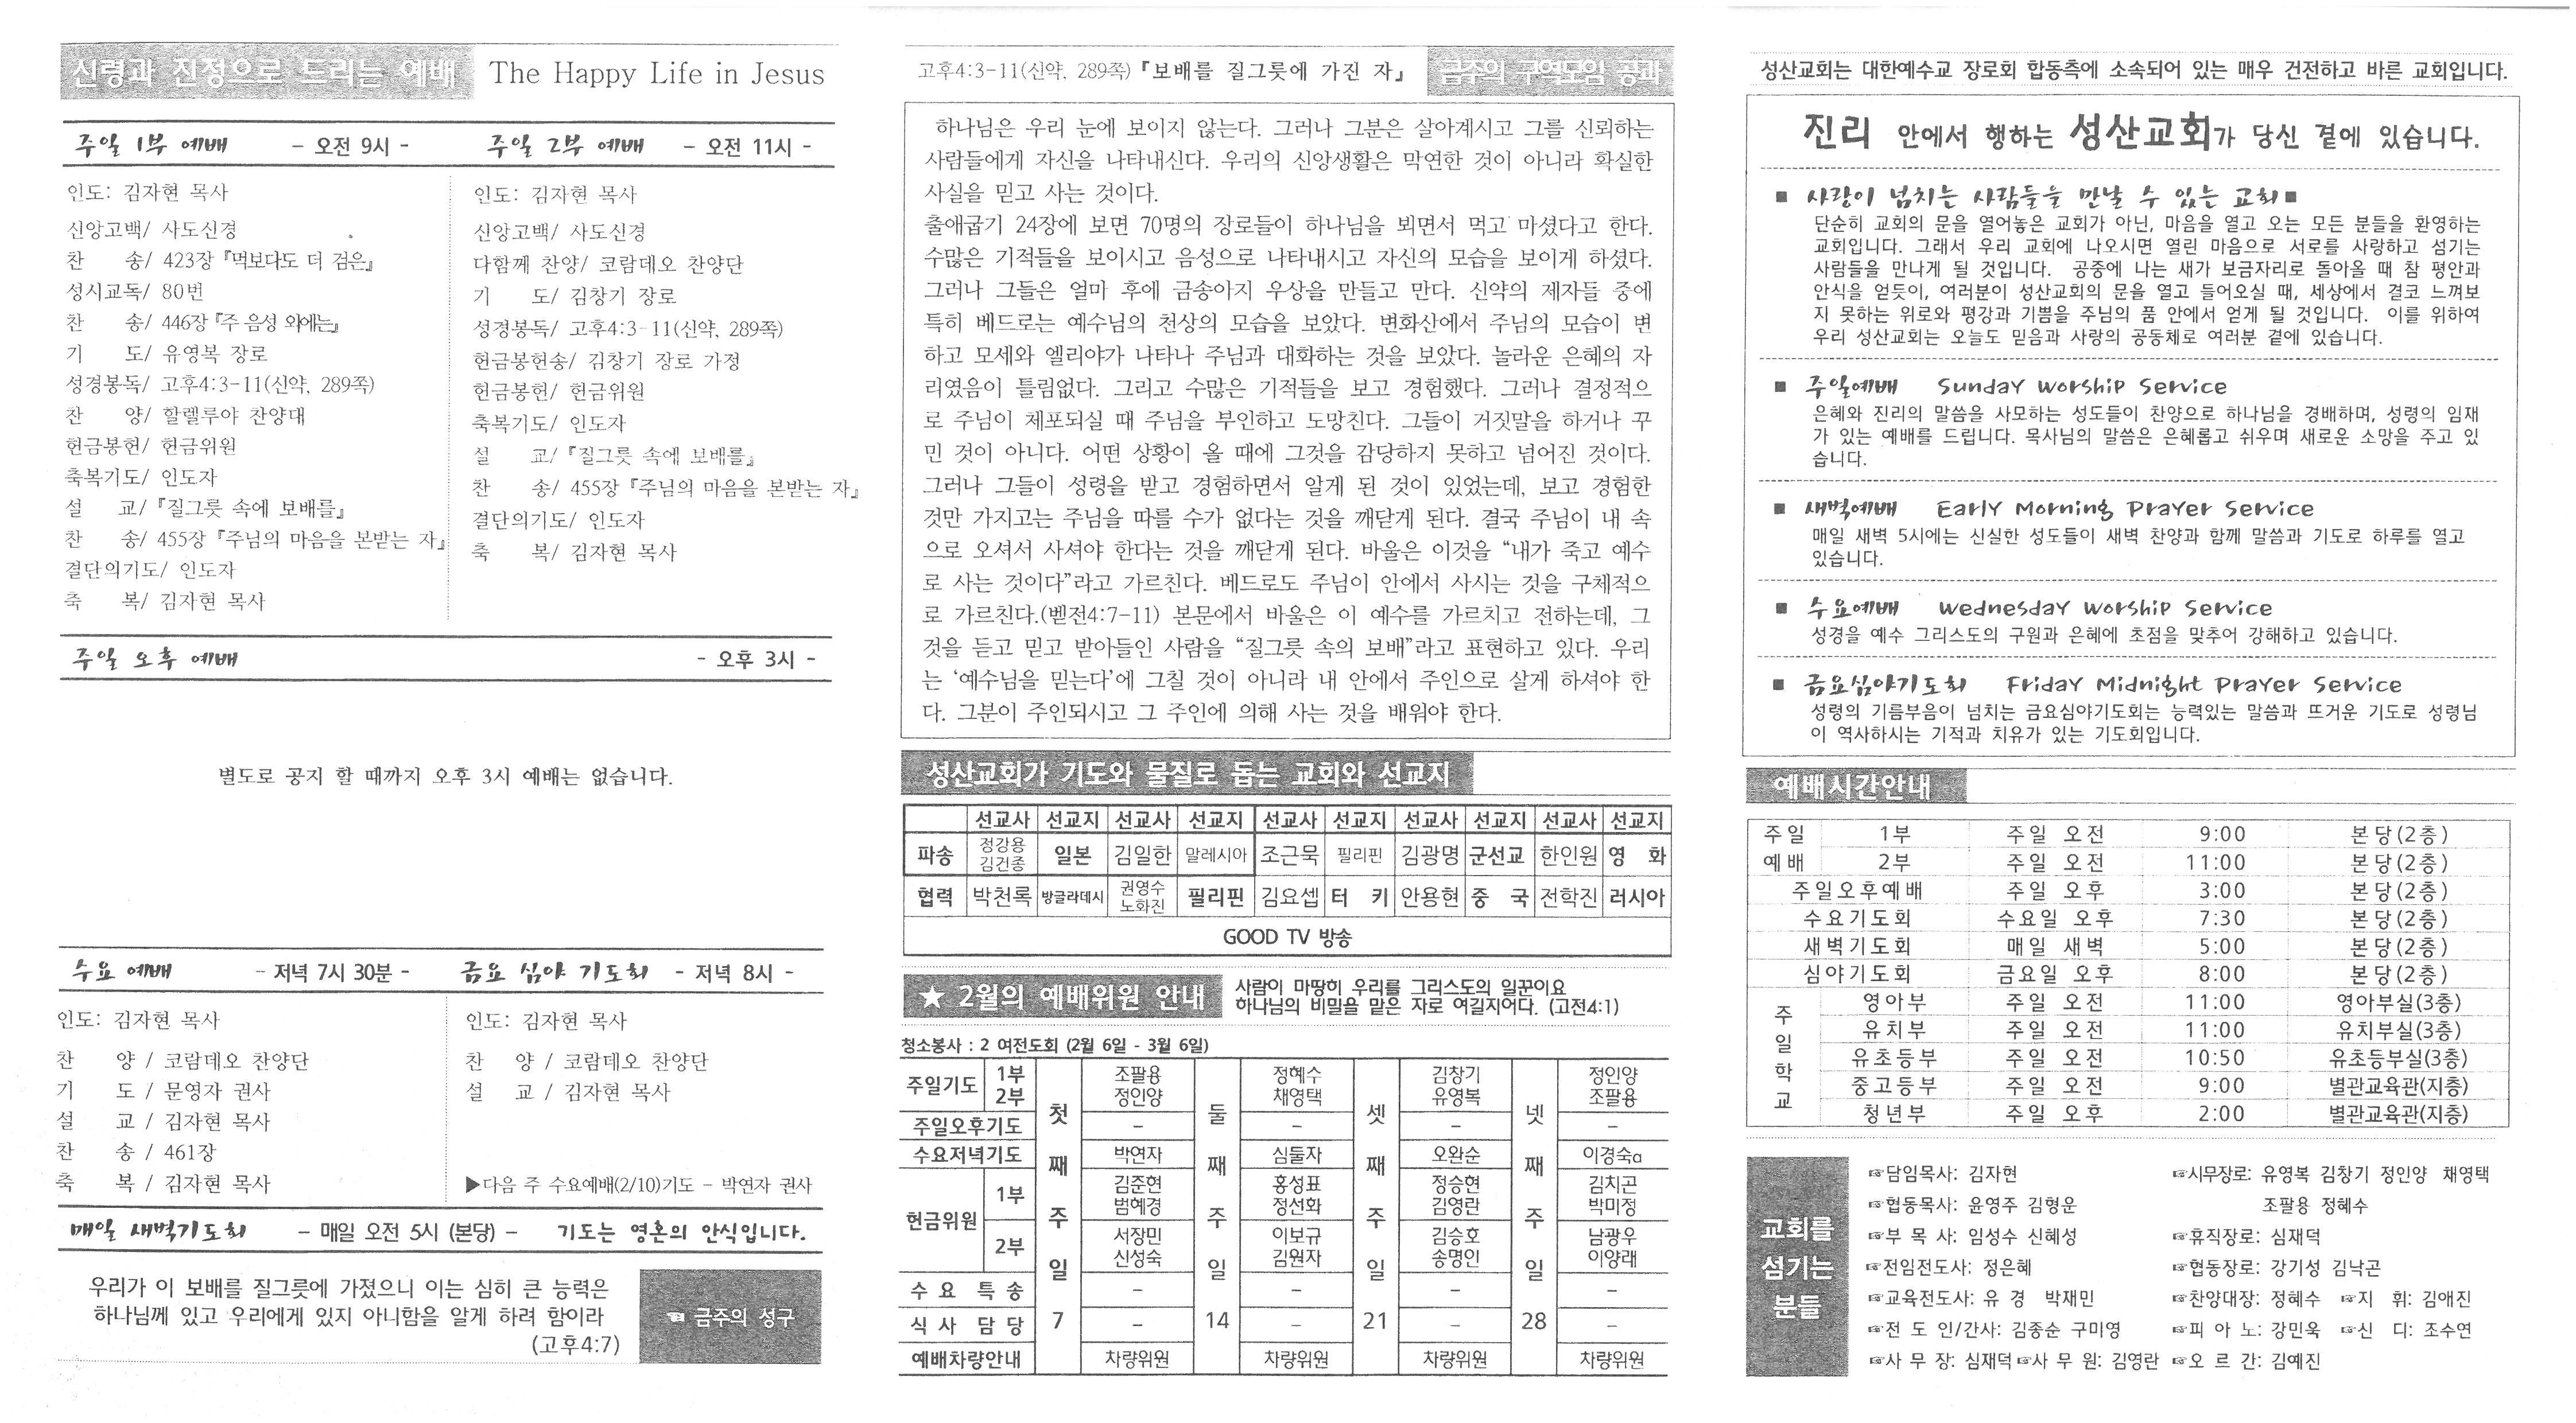 S22C-6e21013014190_0001.jpg